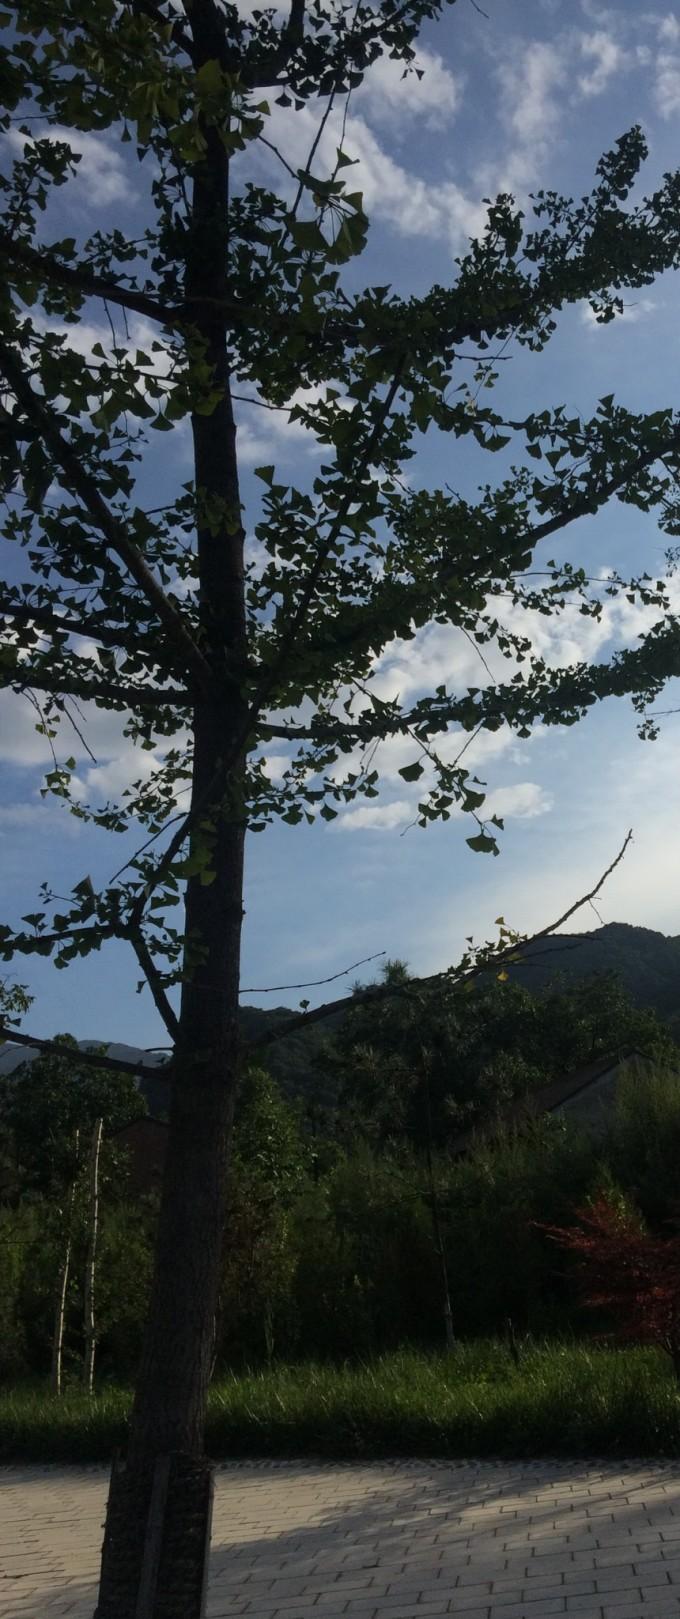 狮子站在树飞图片风景